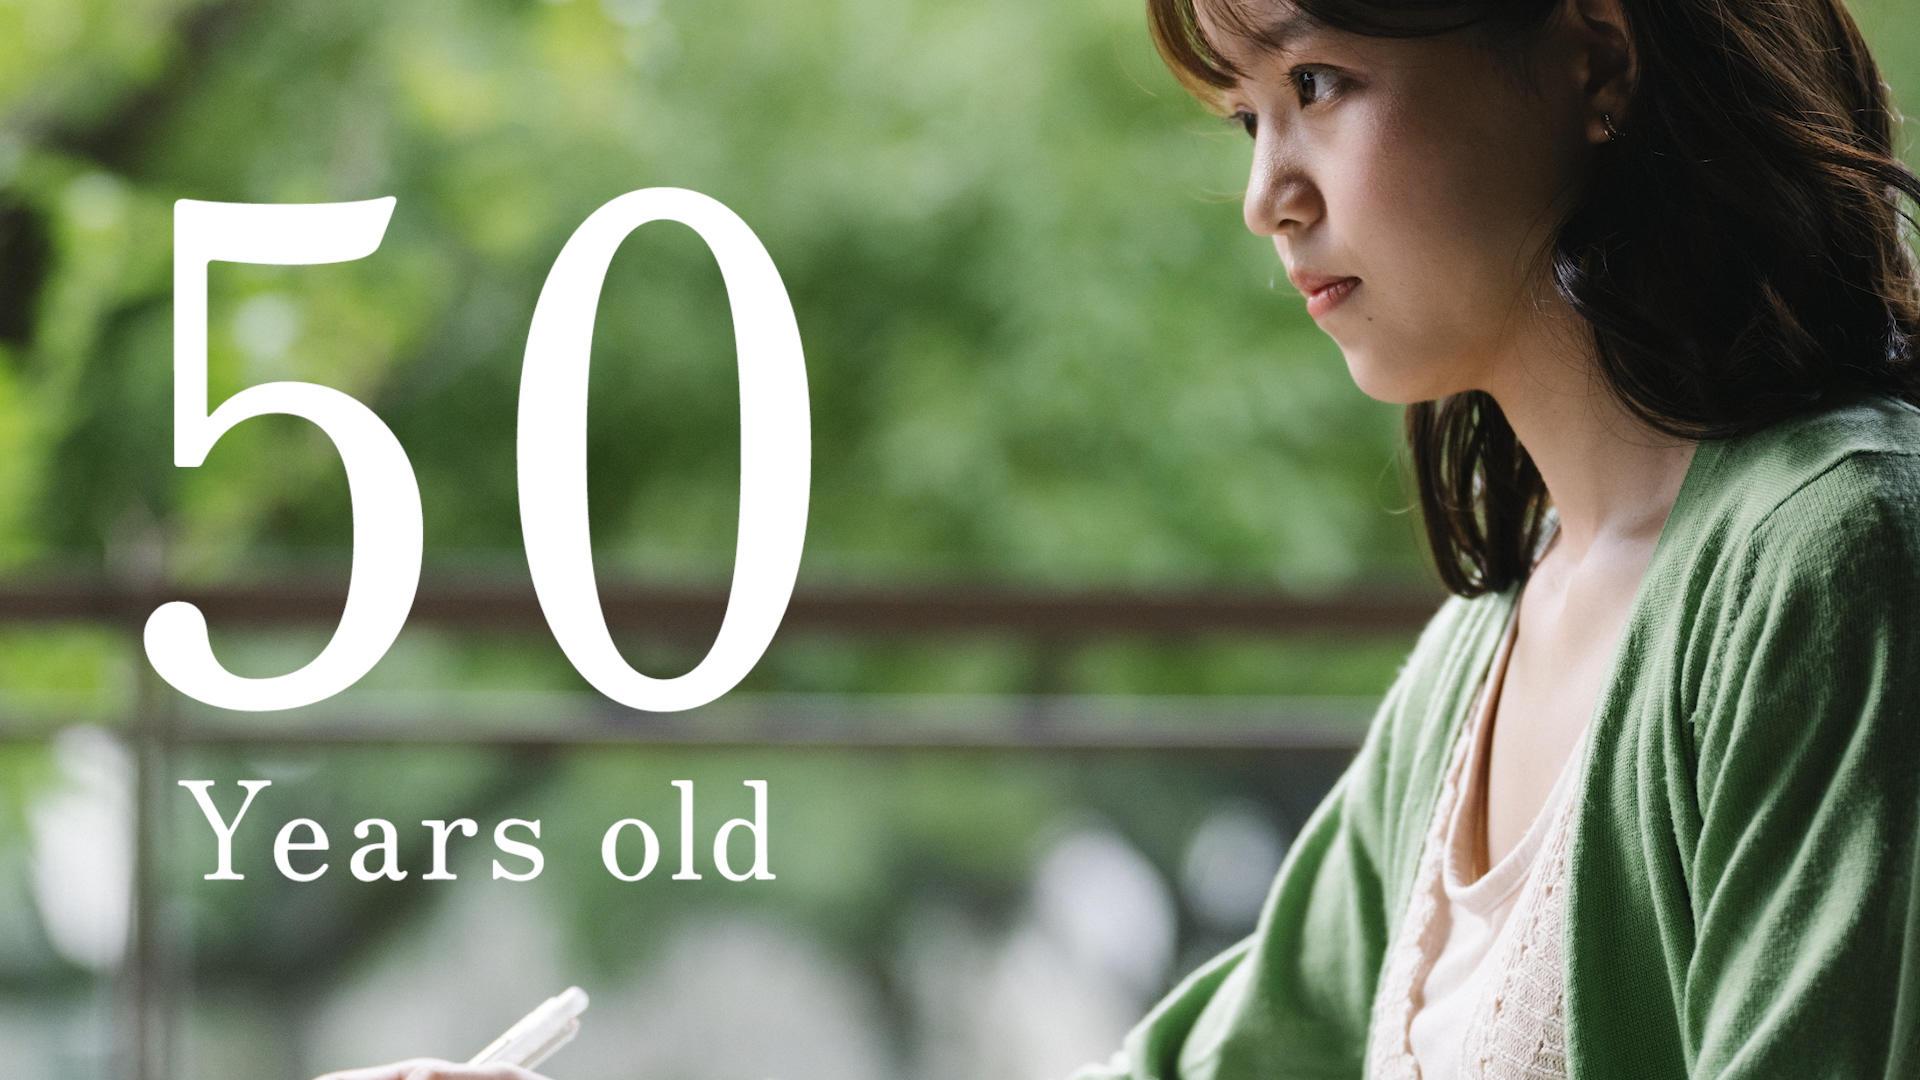 【武蔵野大学】創立100周年を見据えてブランドメッセージ・メッセージビジュアルを刷新 '' 2050年のあなたへ。''